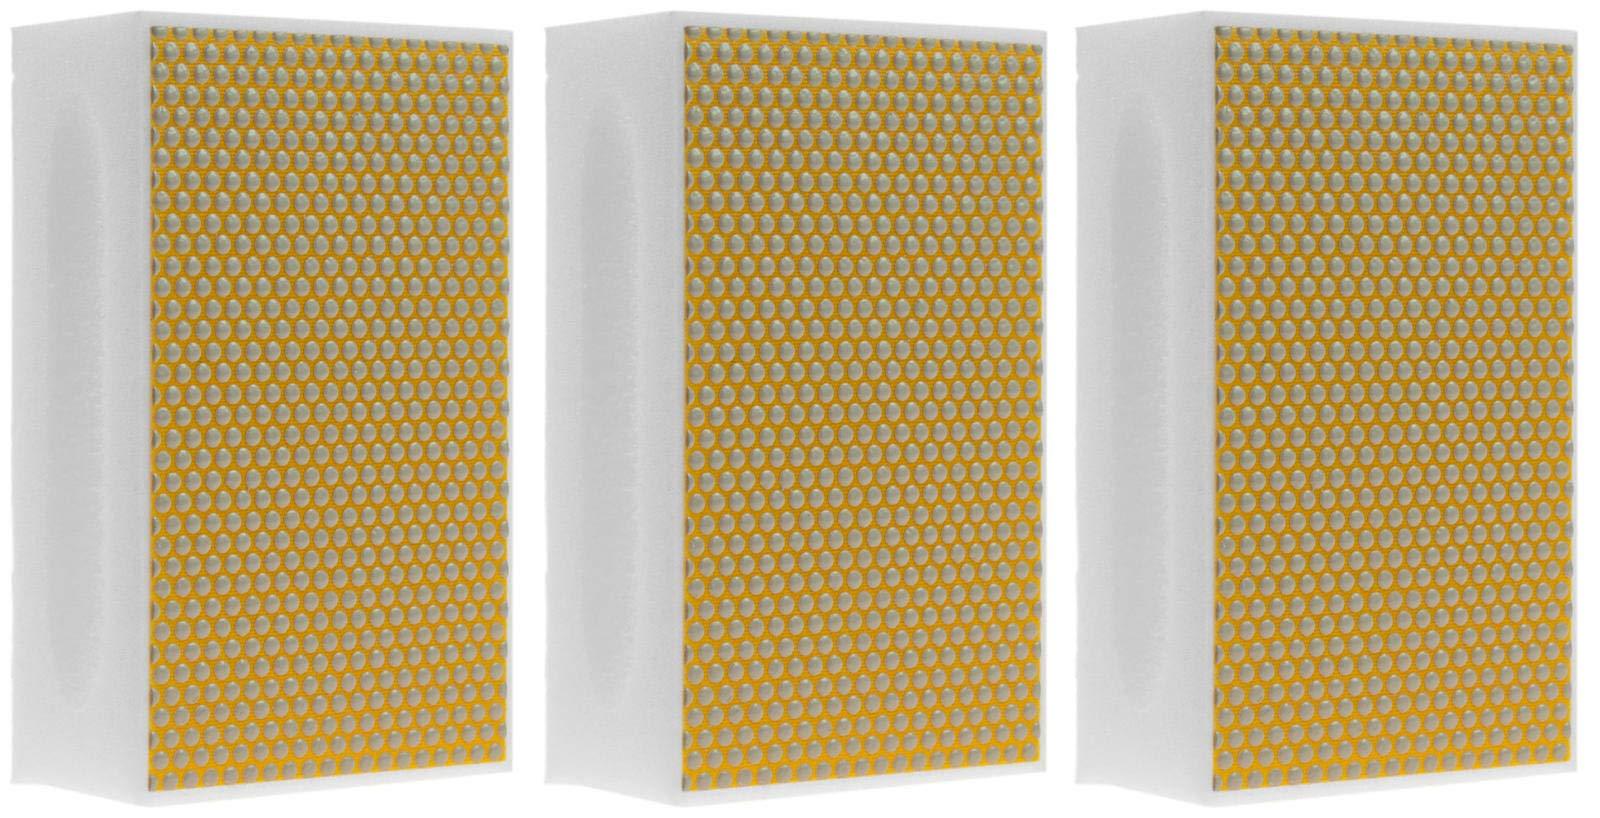 KGS PRO-PAD Diamond Hand Polishing pads (3 Pack, Grit 500 (yellow/white))